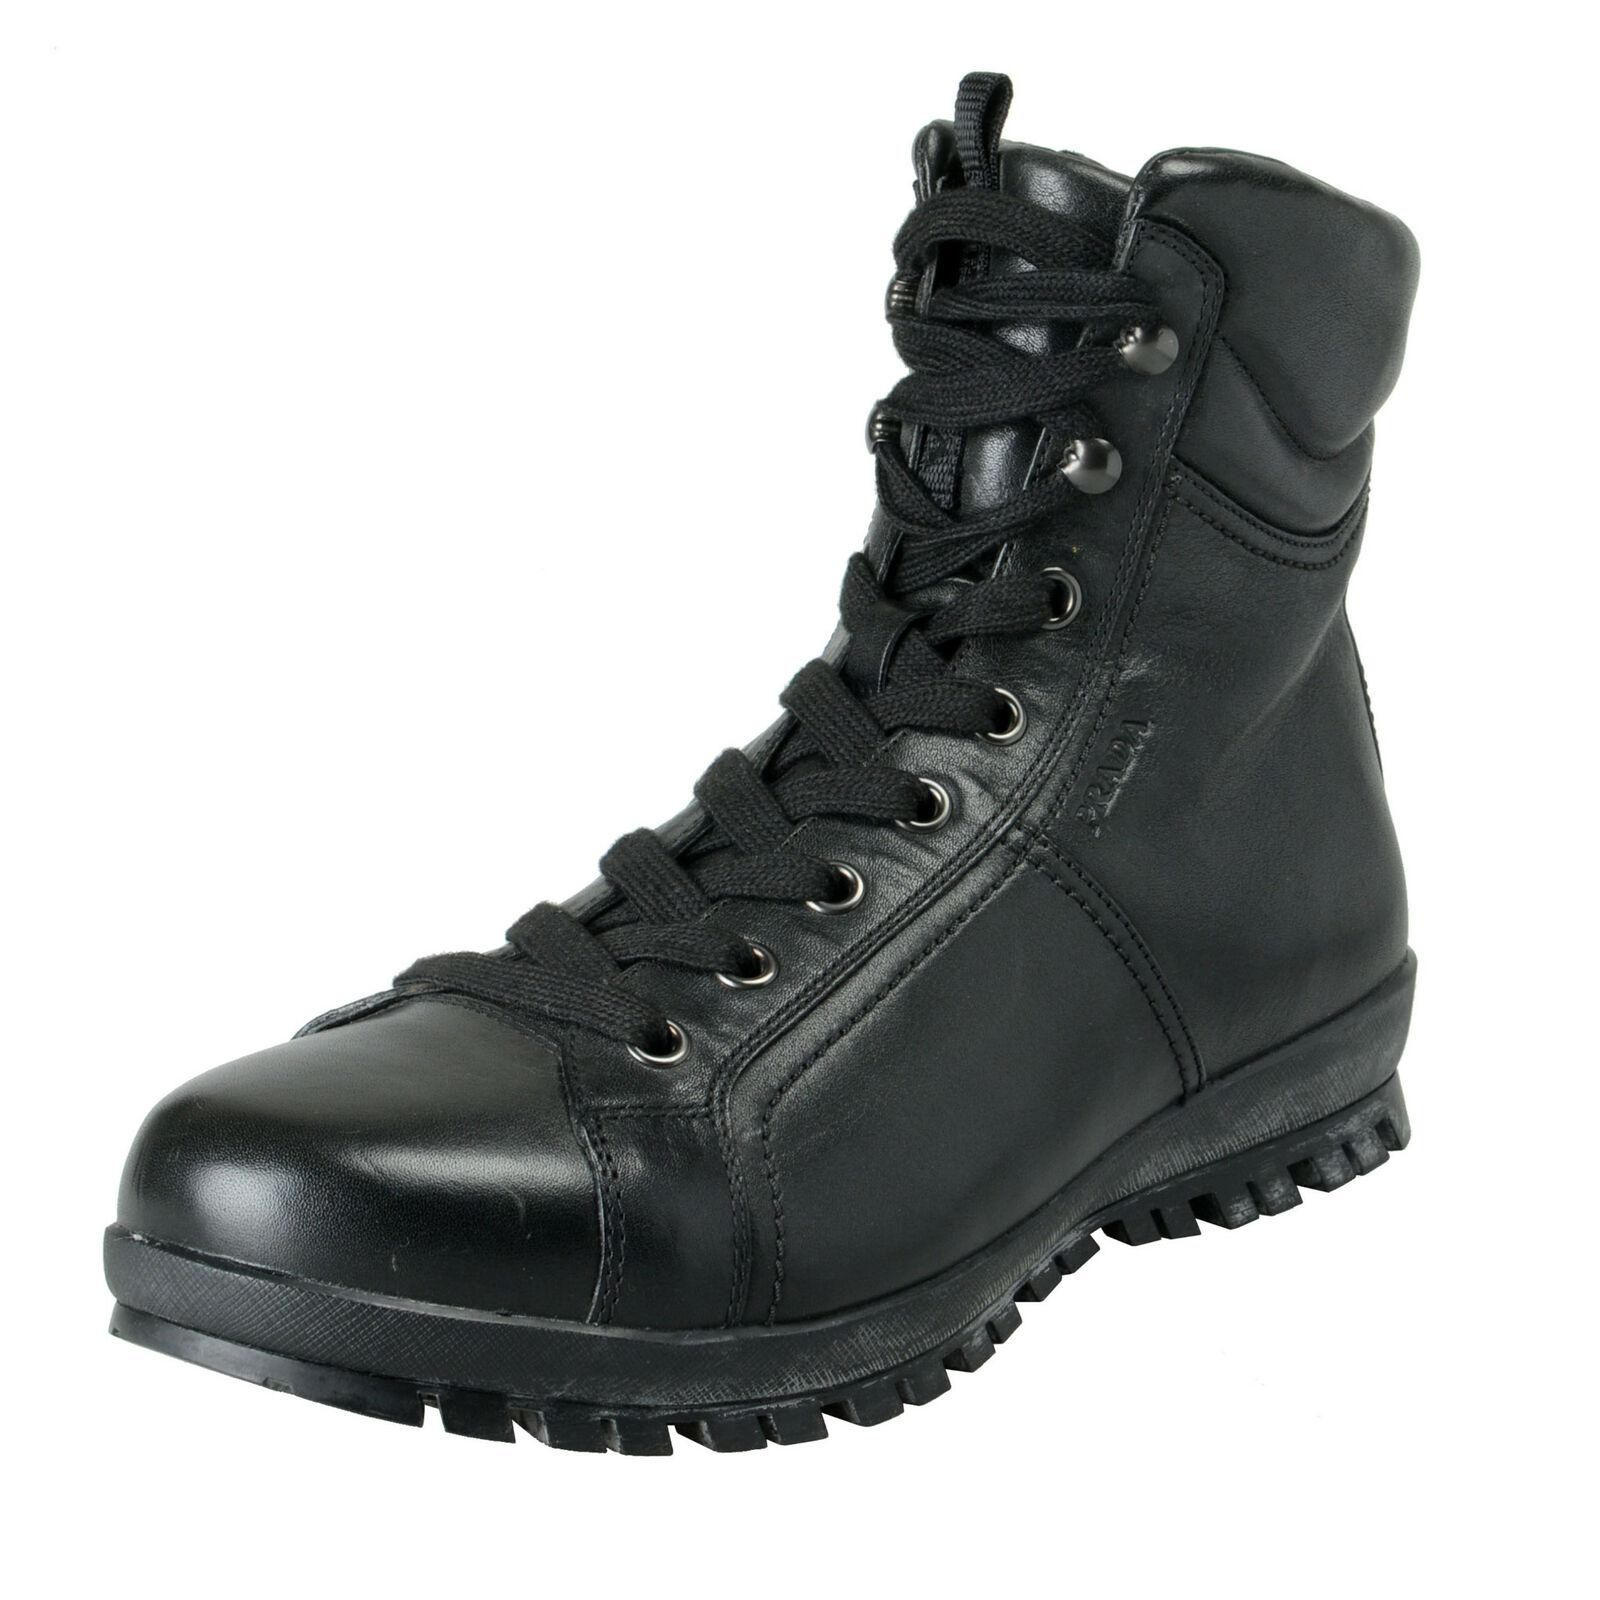 Prada Hombre Cuero Negro botas acordonadas al Tobillo Zapatos